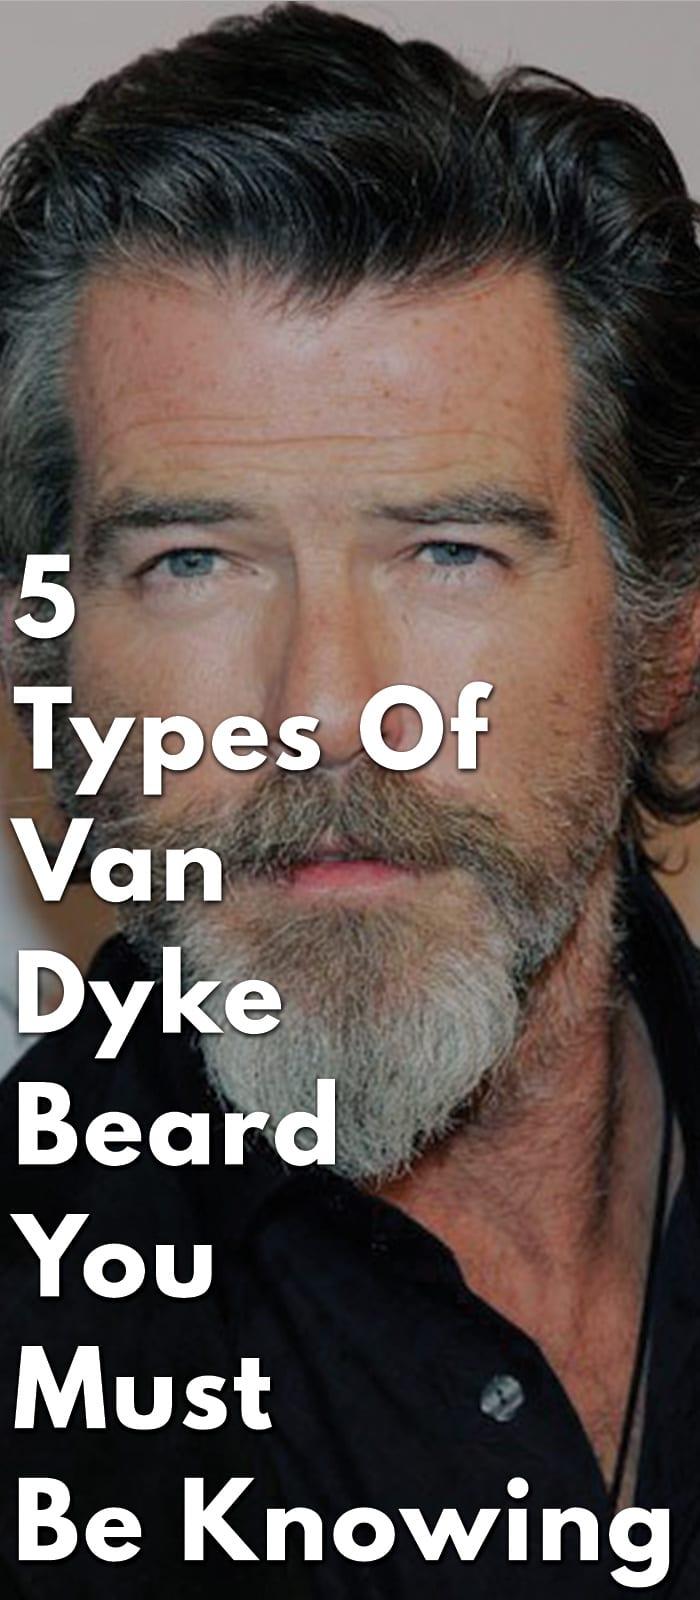 5-Types-of-Van-Dyke-Beard-You-Must-Be-Knowing.